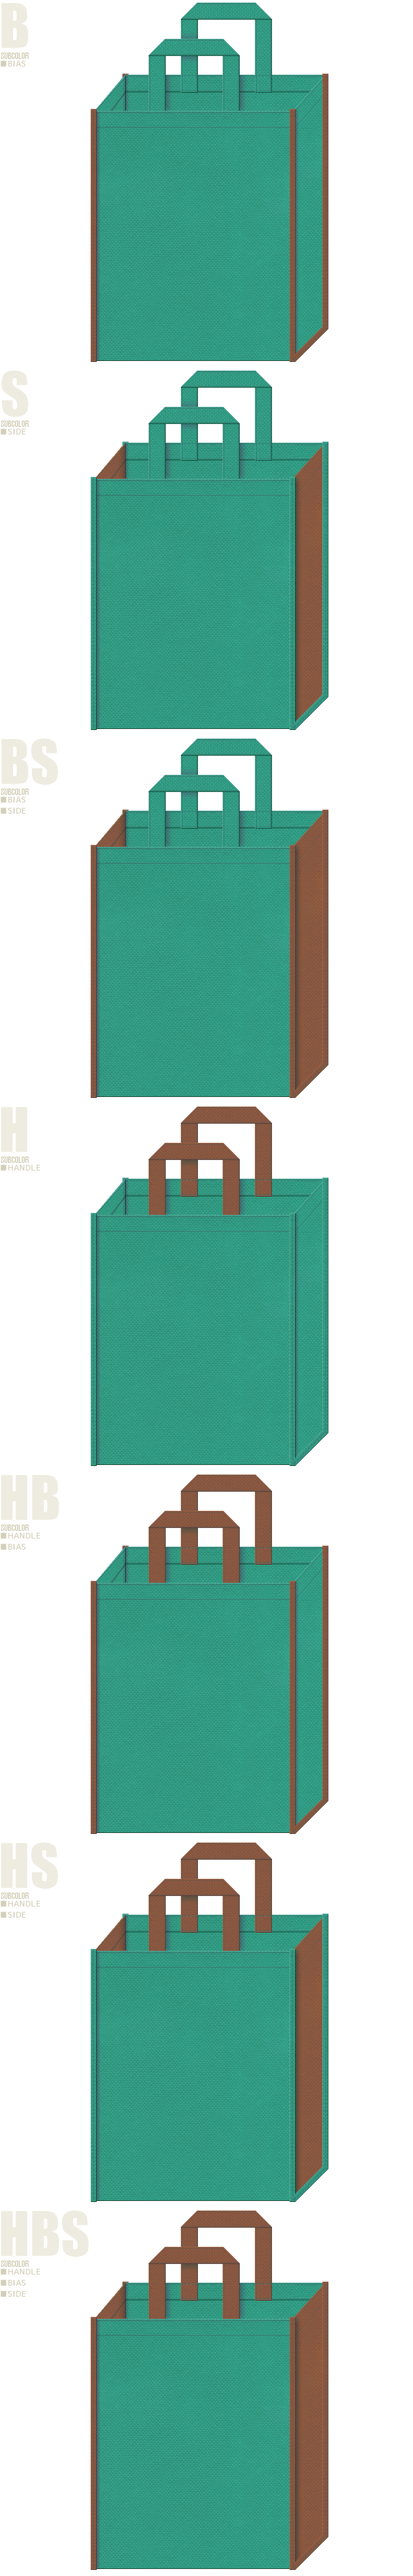 青緑色と茶色、7パターンの不織布トートバッグ配色デザイン例。